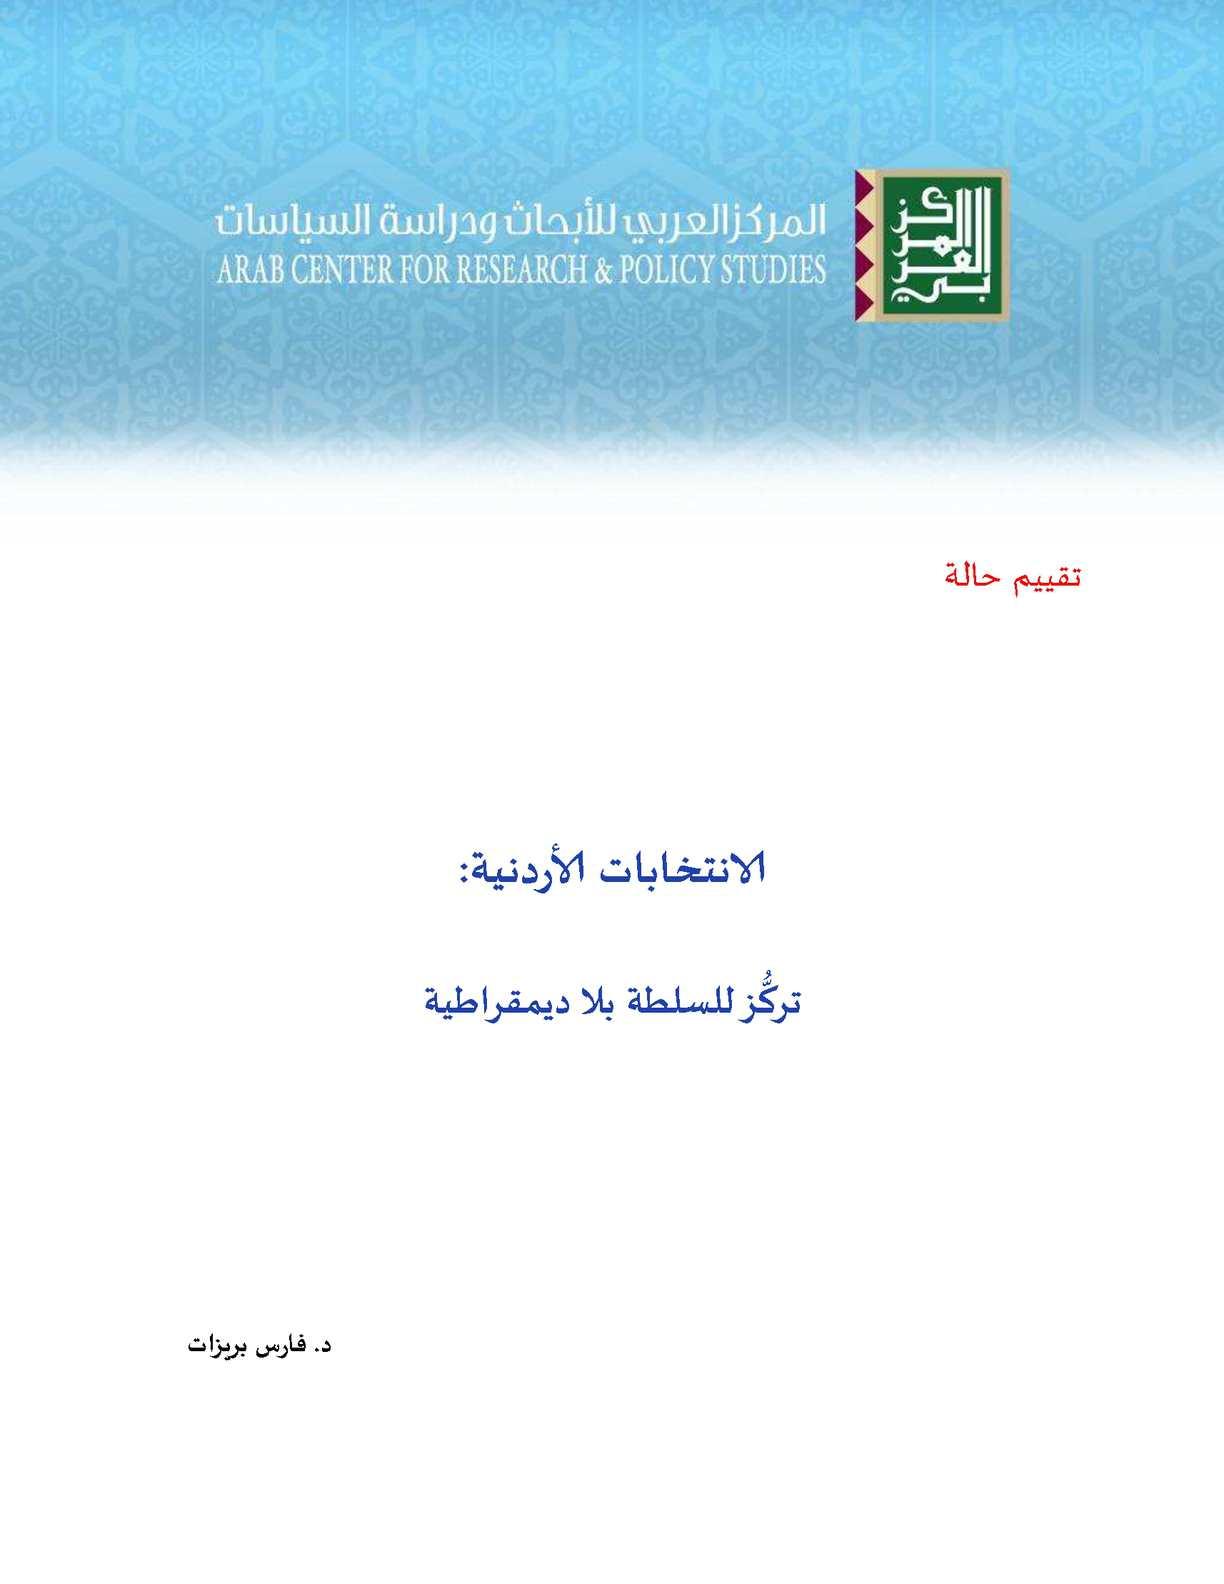 الانتخابات الأردنية.. تركُّز للسلطة بلا ديمقراطية